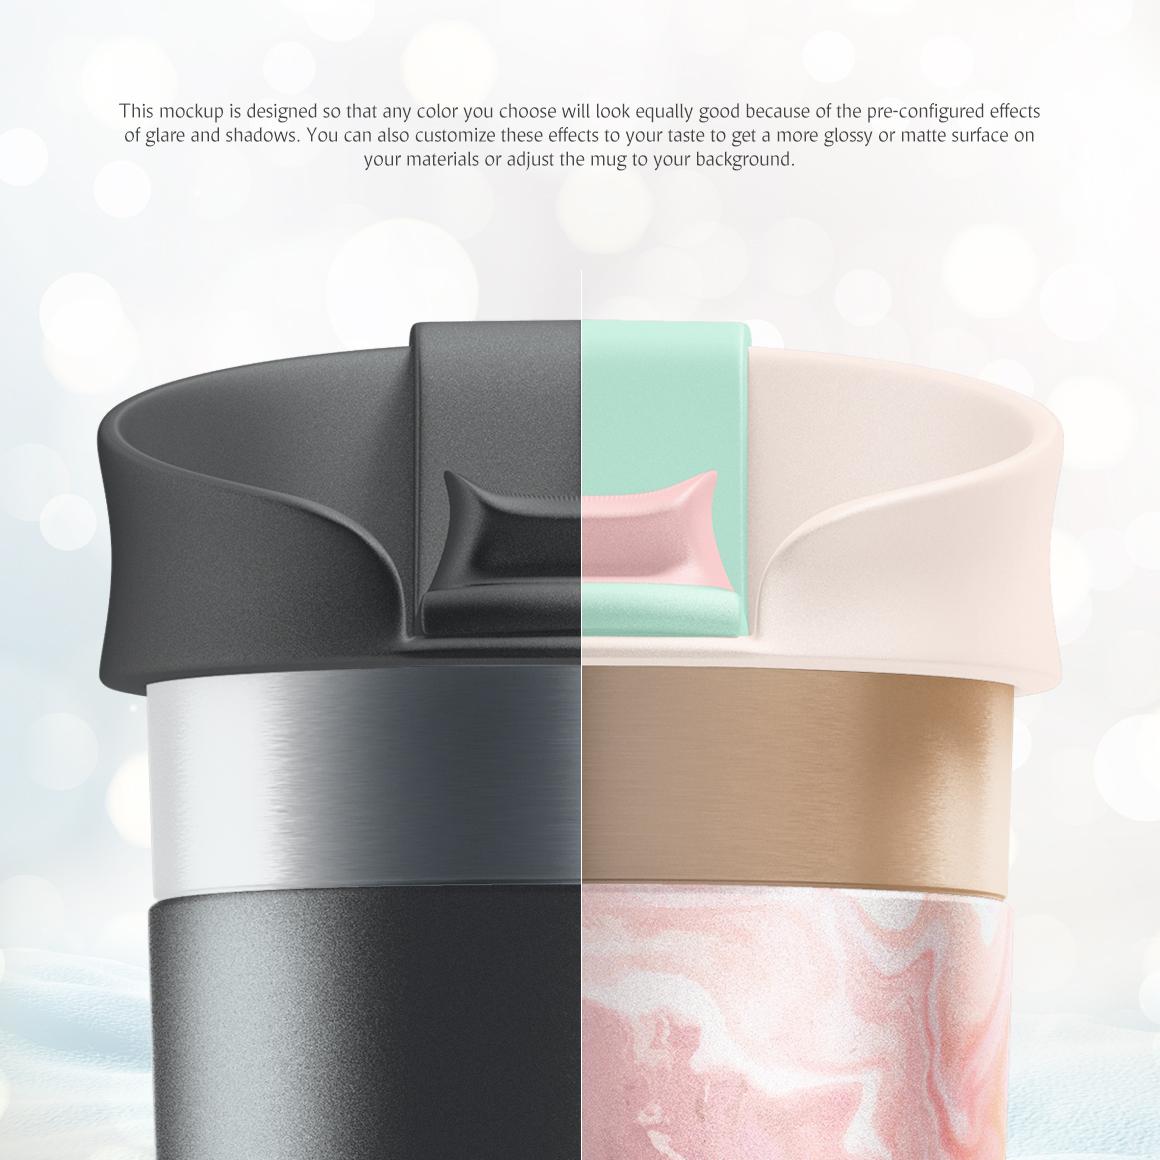 Travel Mug Mockup example image 4